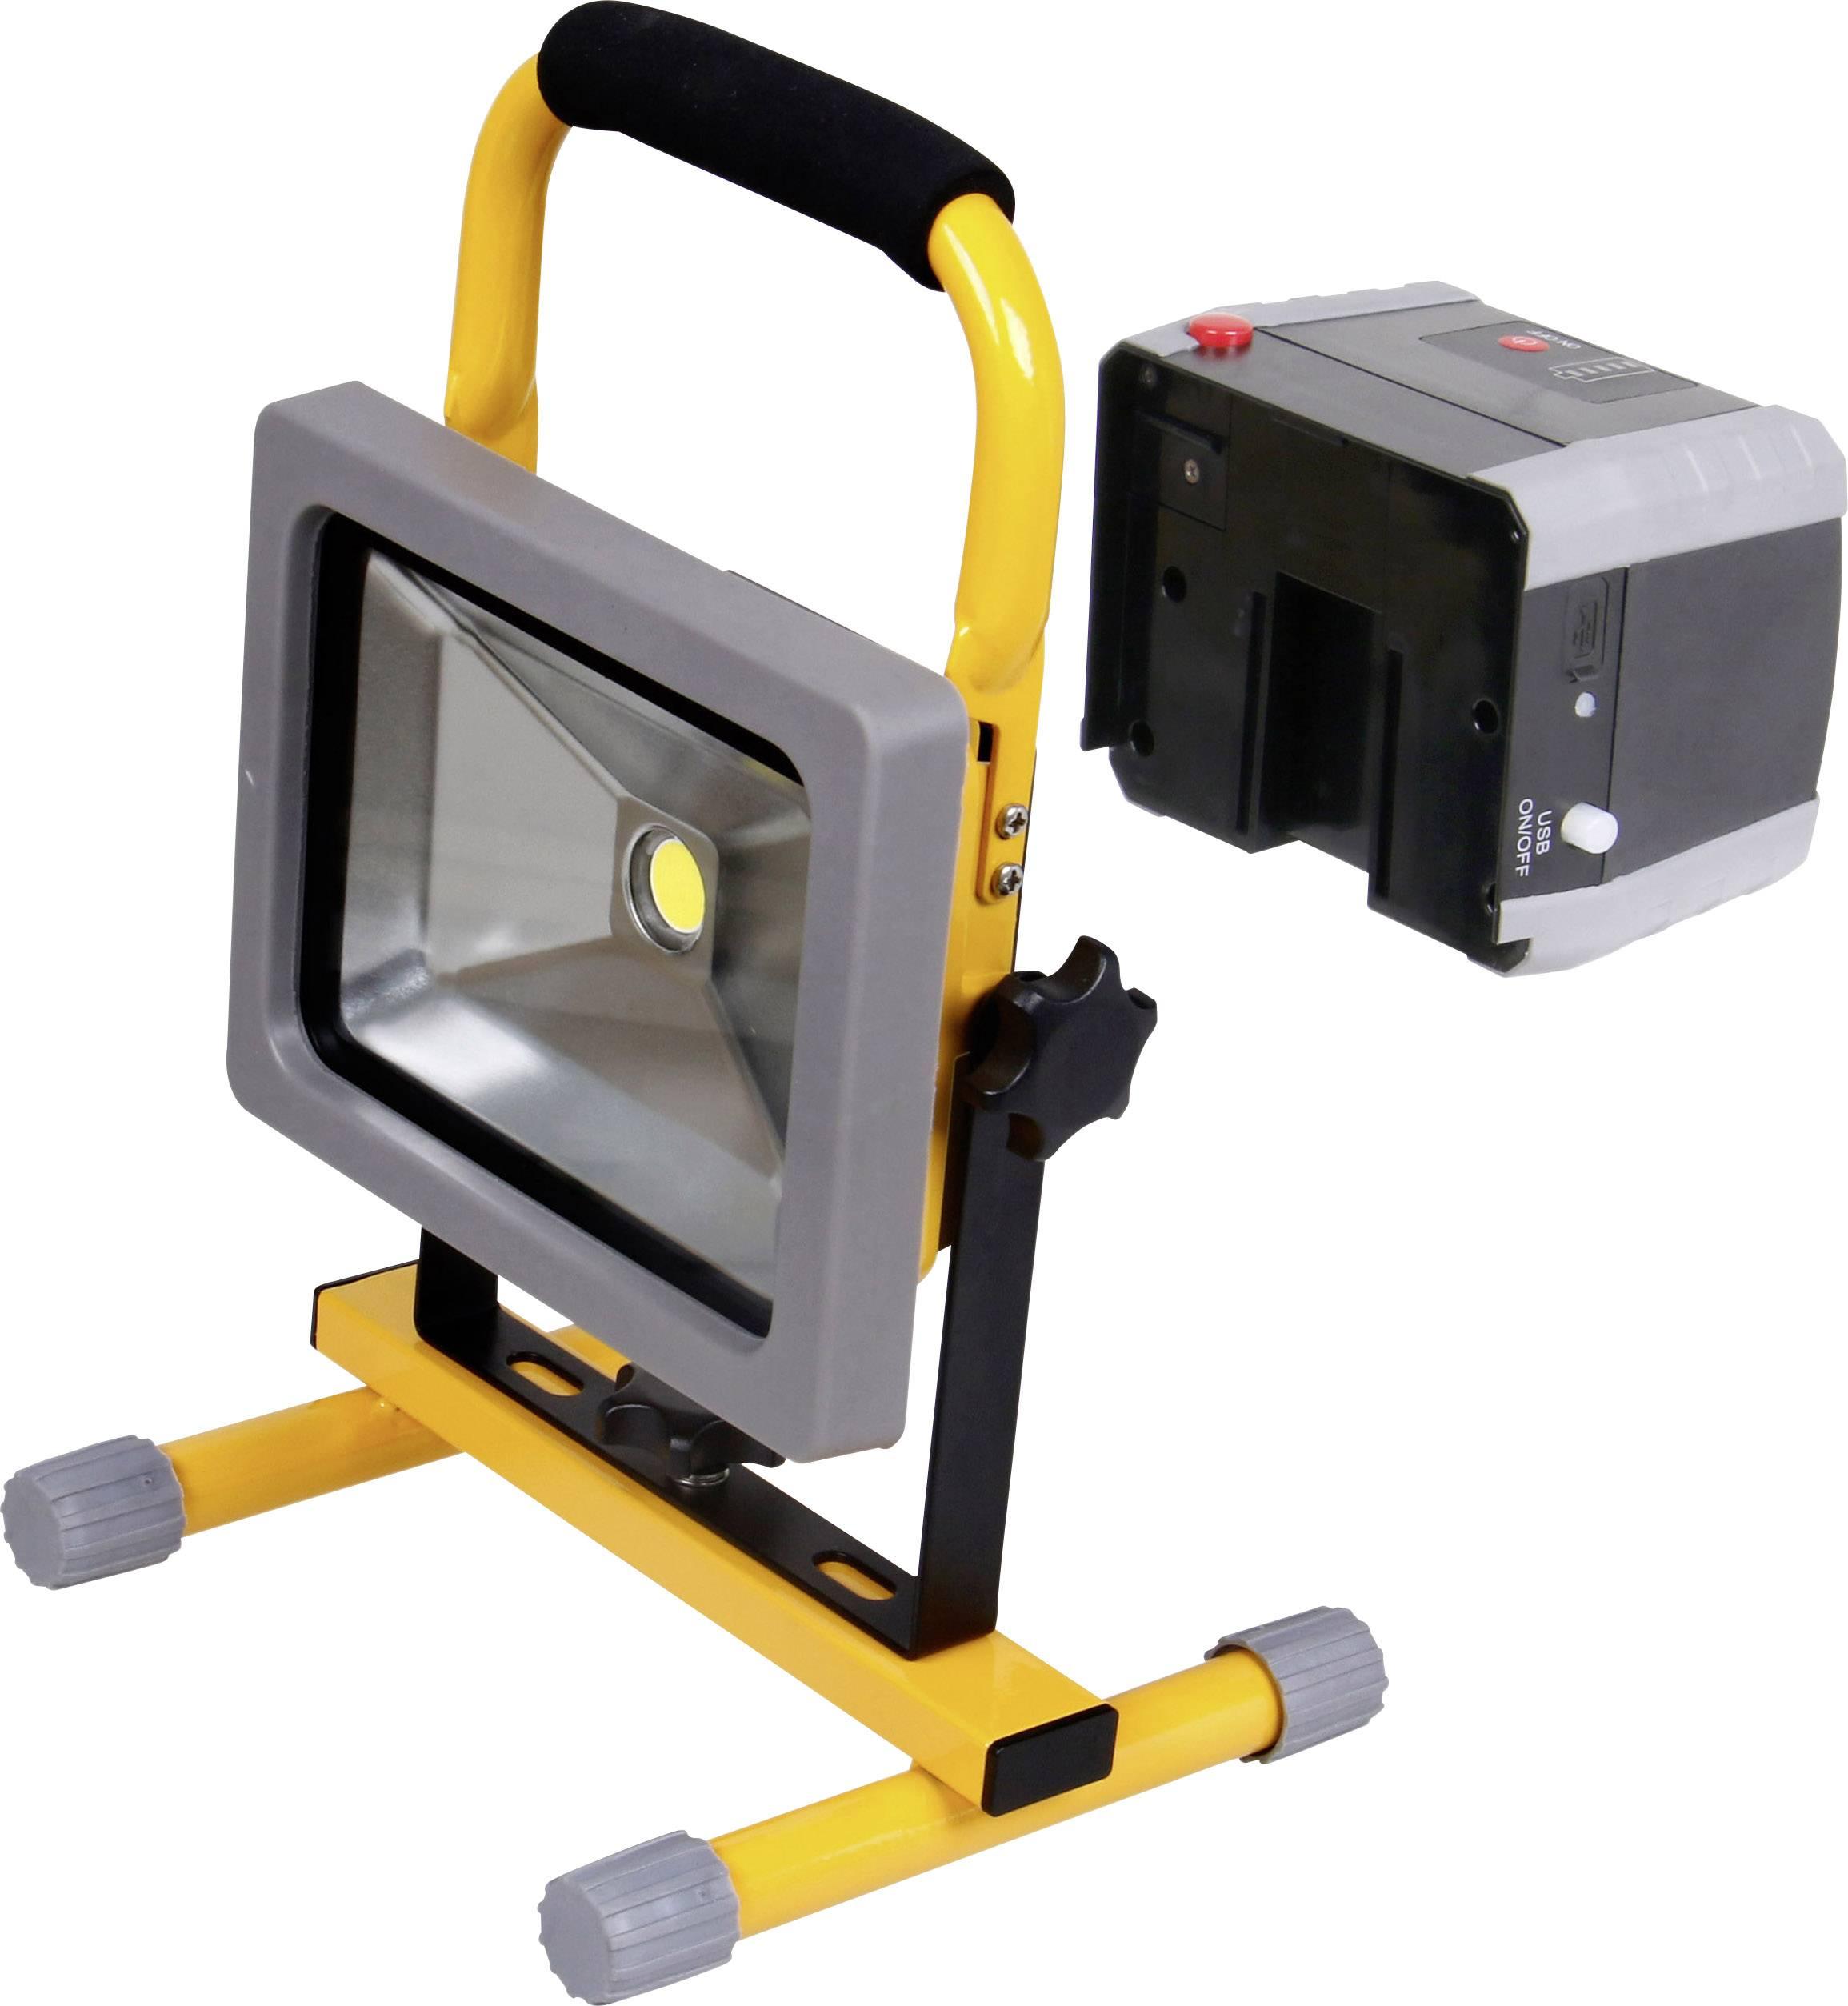 CPB LED pracovné osvetlenie Shada 300171 20 W, napájanie z akumulátoru